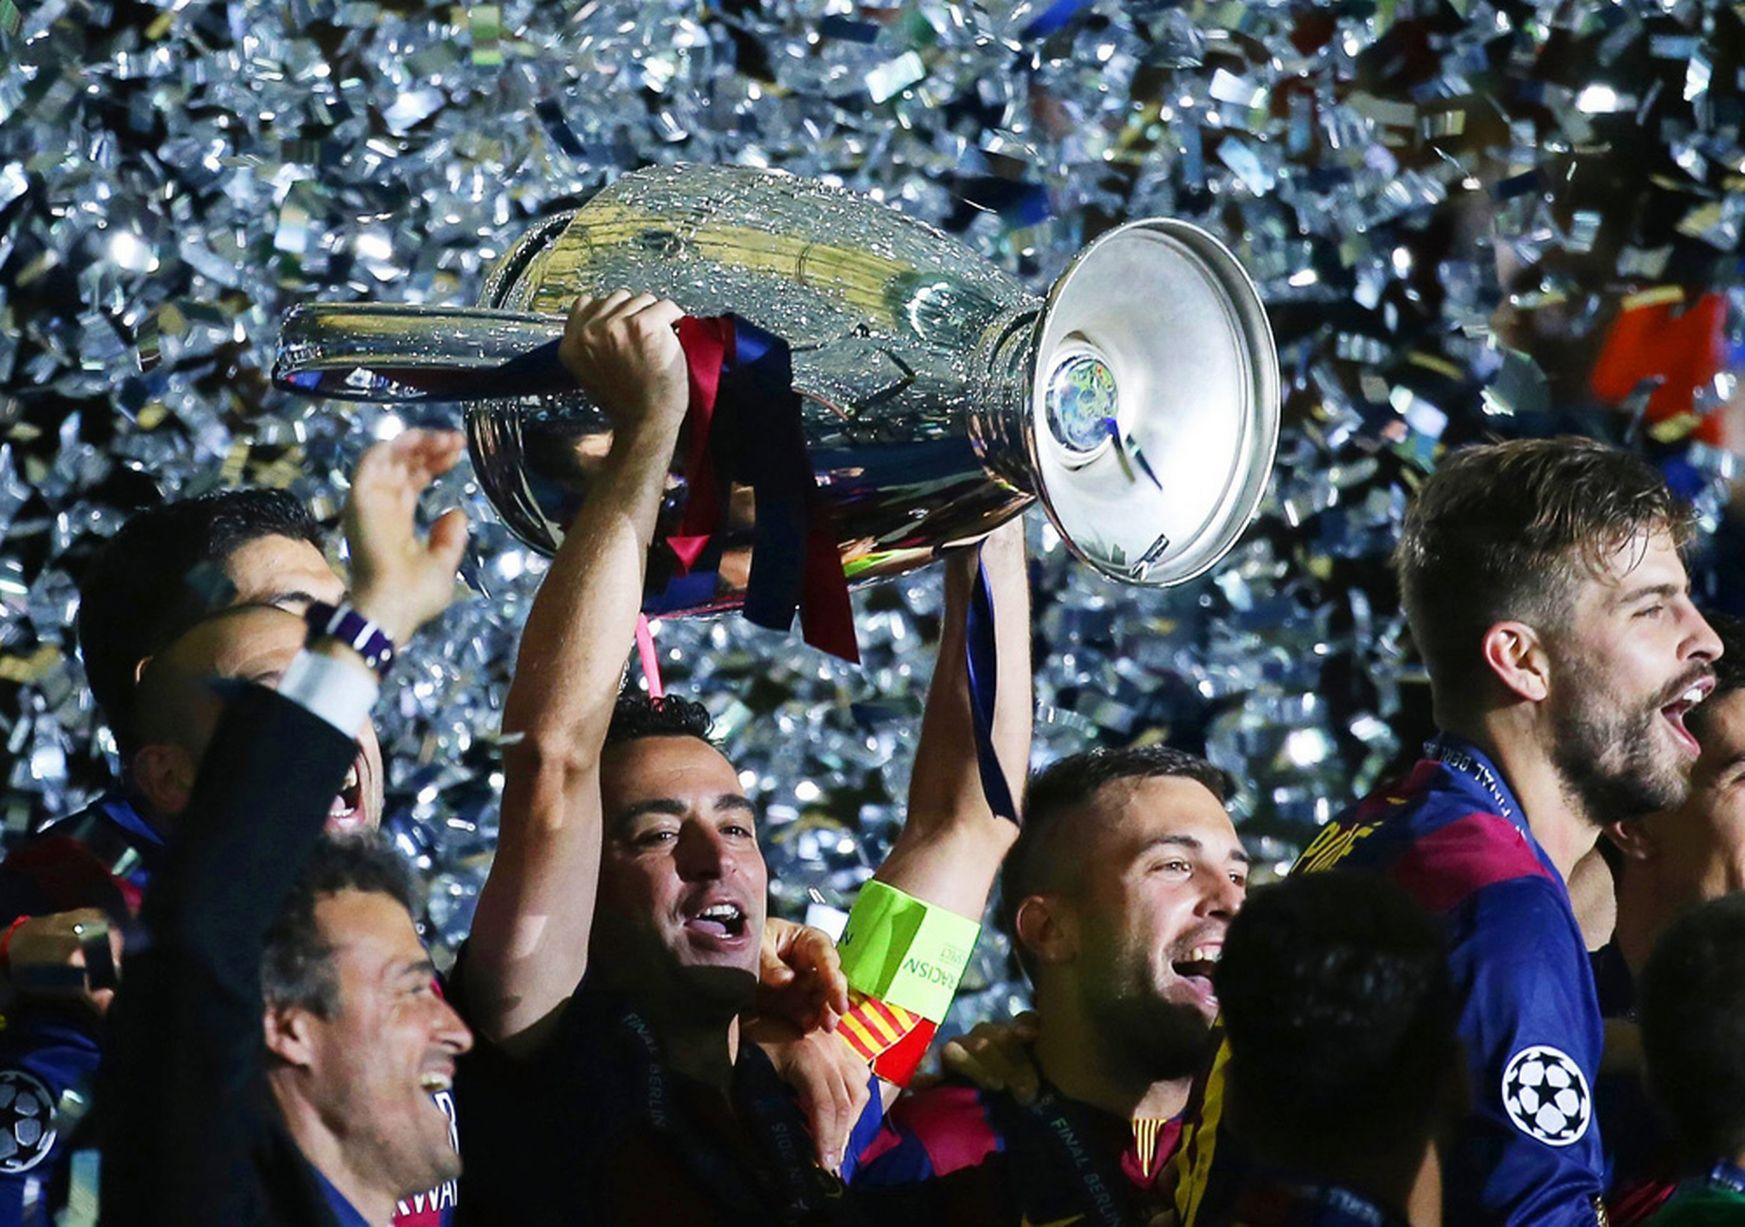 juventus-v-barcelona-after-the-match.jpg